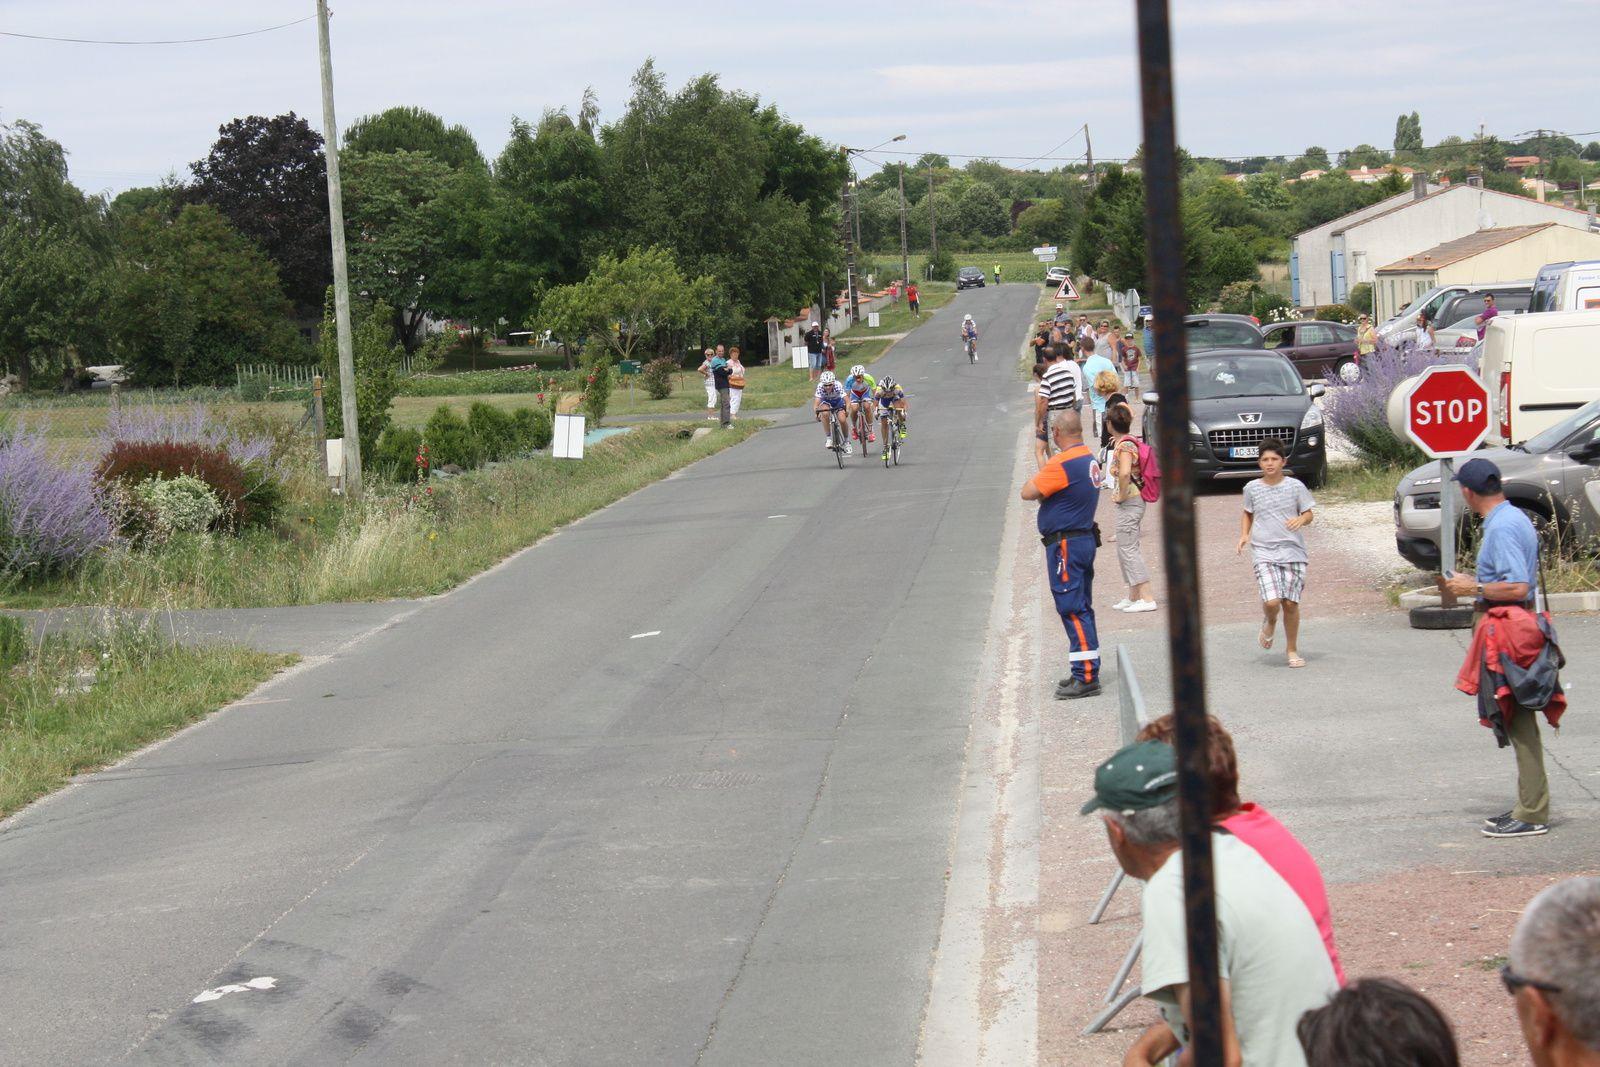 L'arrivée  au  sprint  de  3  coureurs